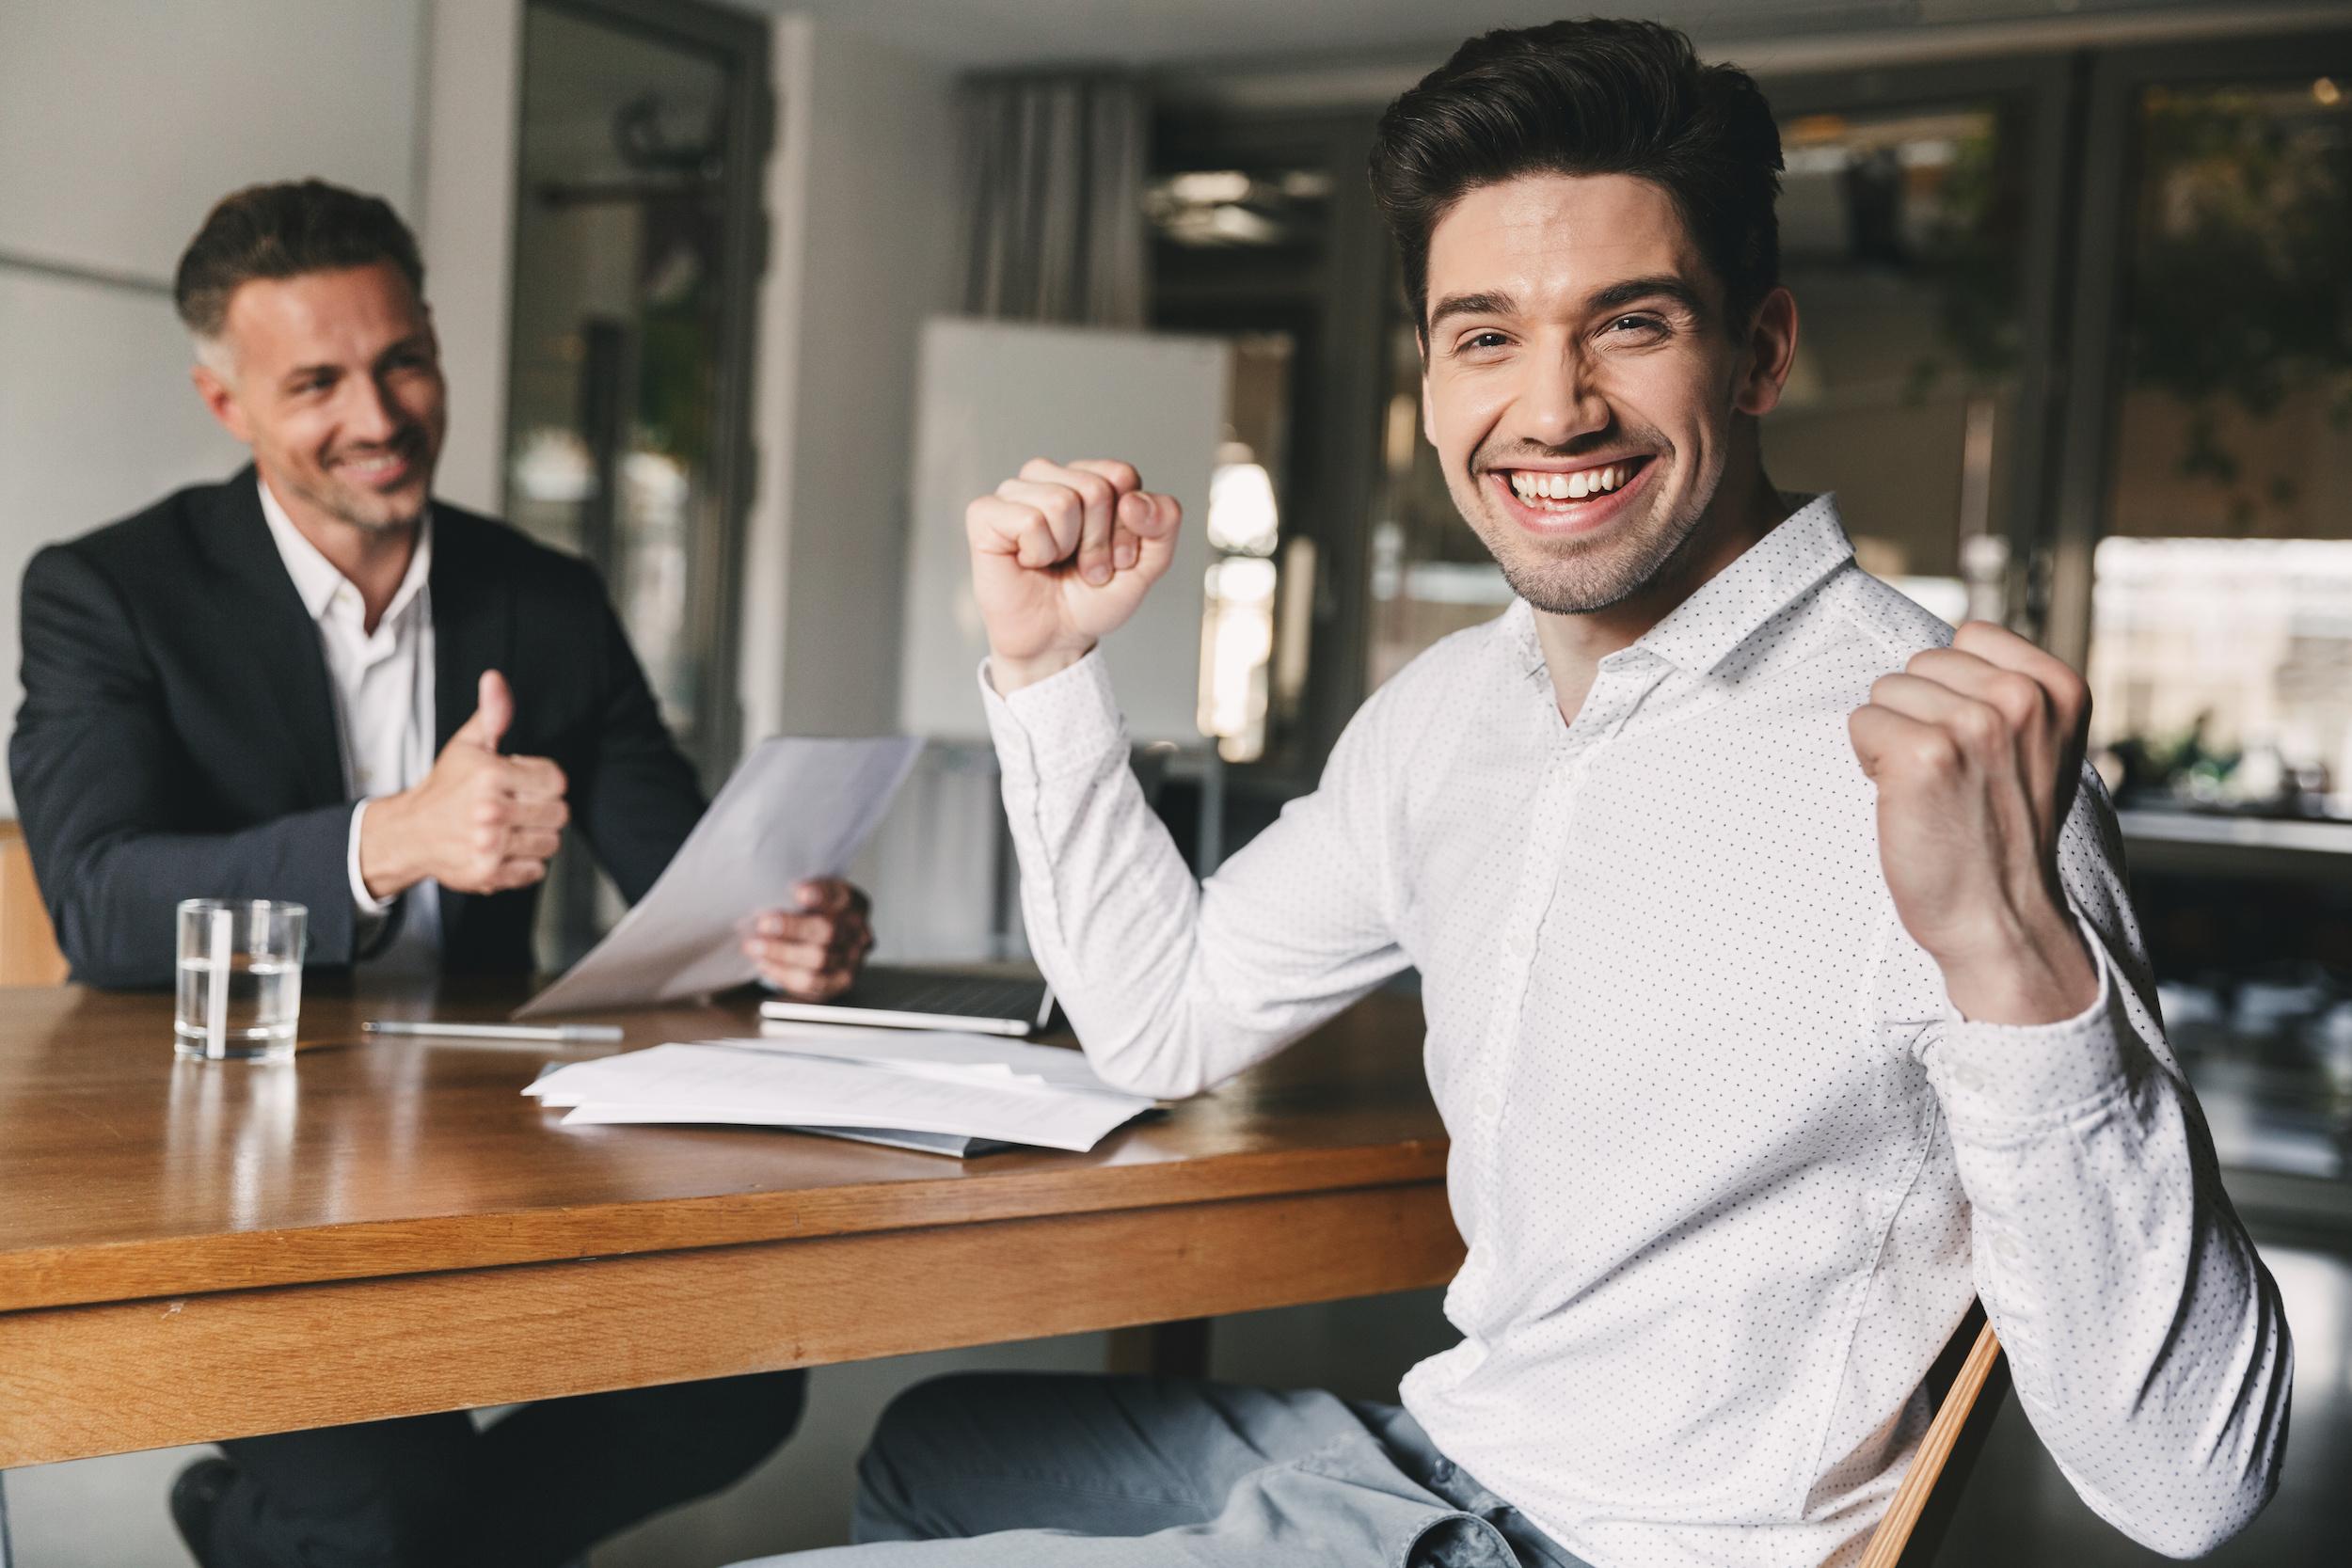 Hur hittar man bra anställda?